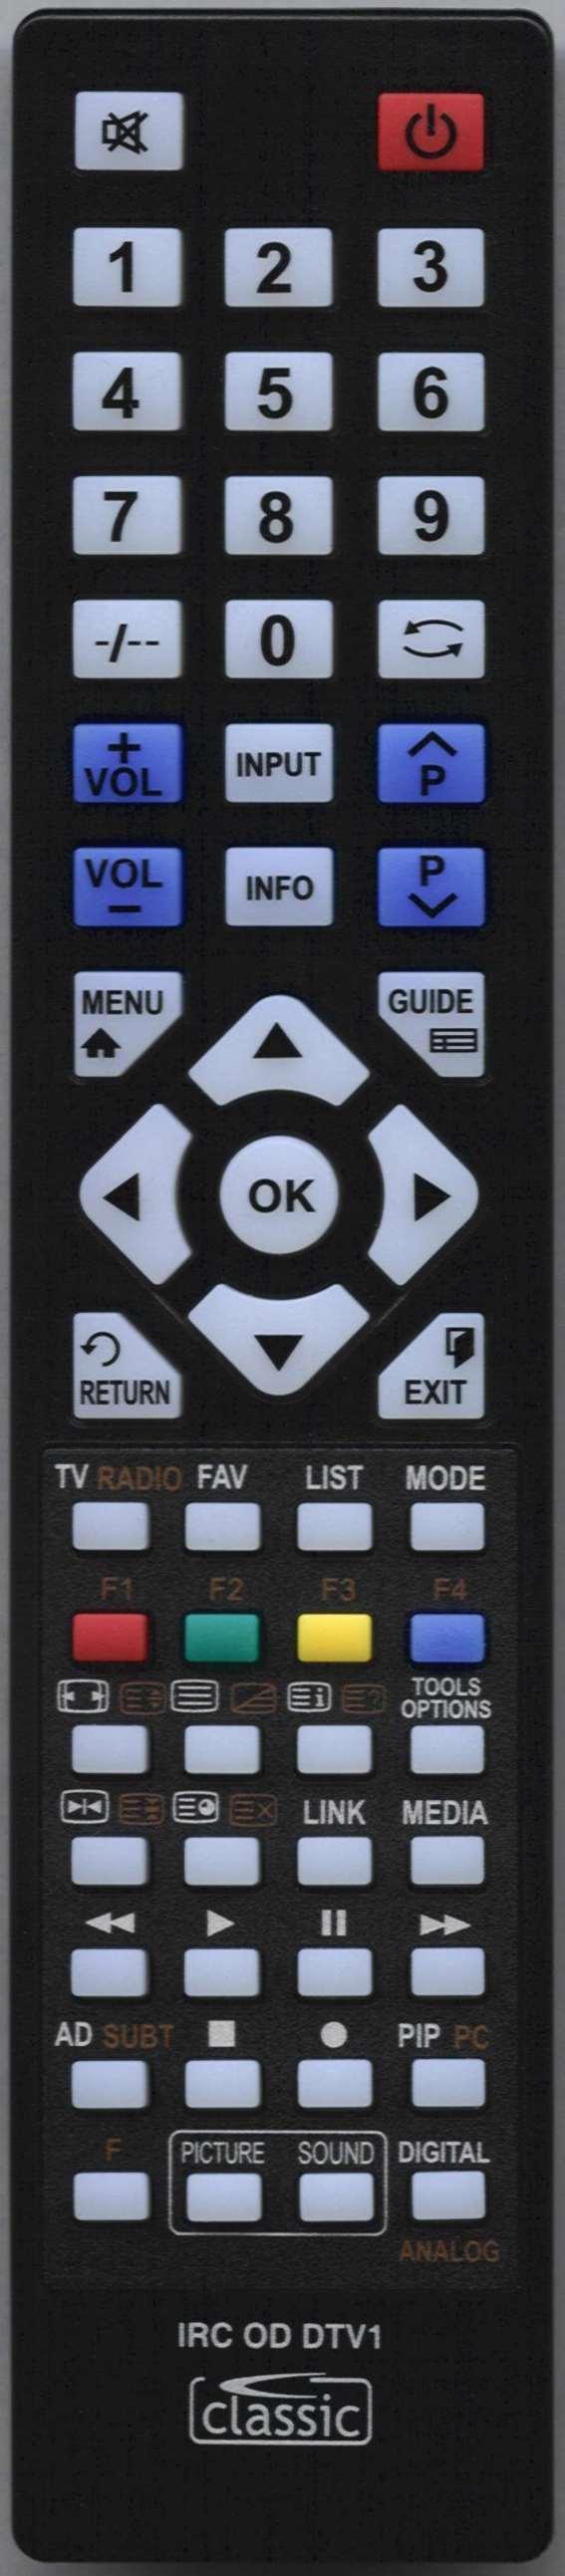 POLAROID P39RP0797A Remote Control Alternative